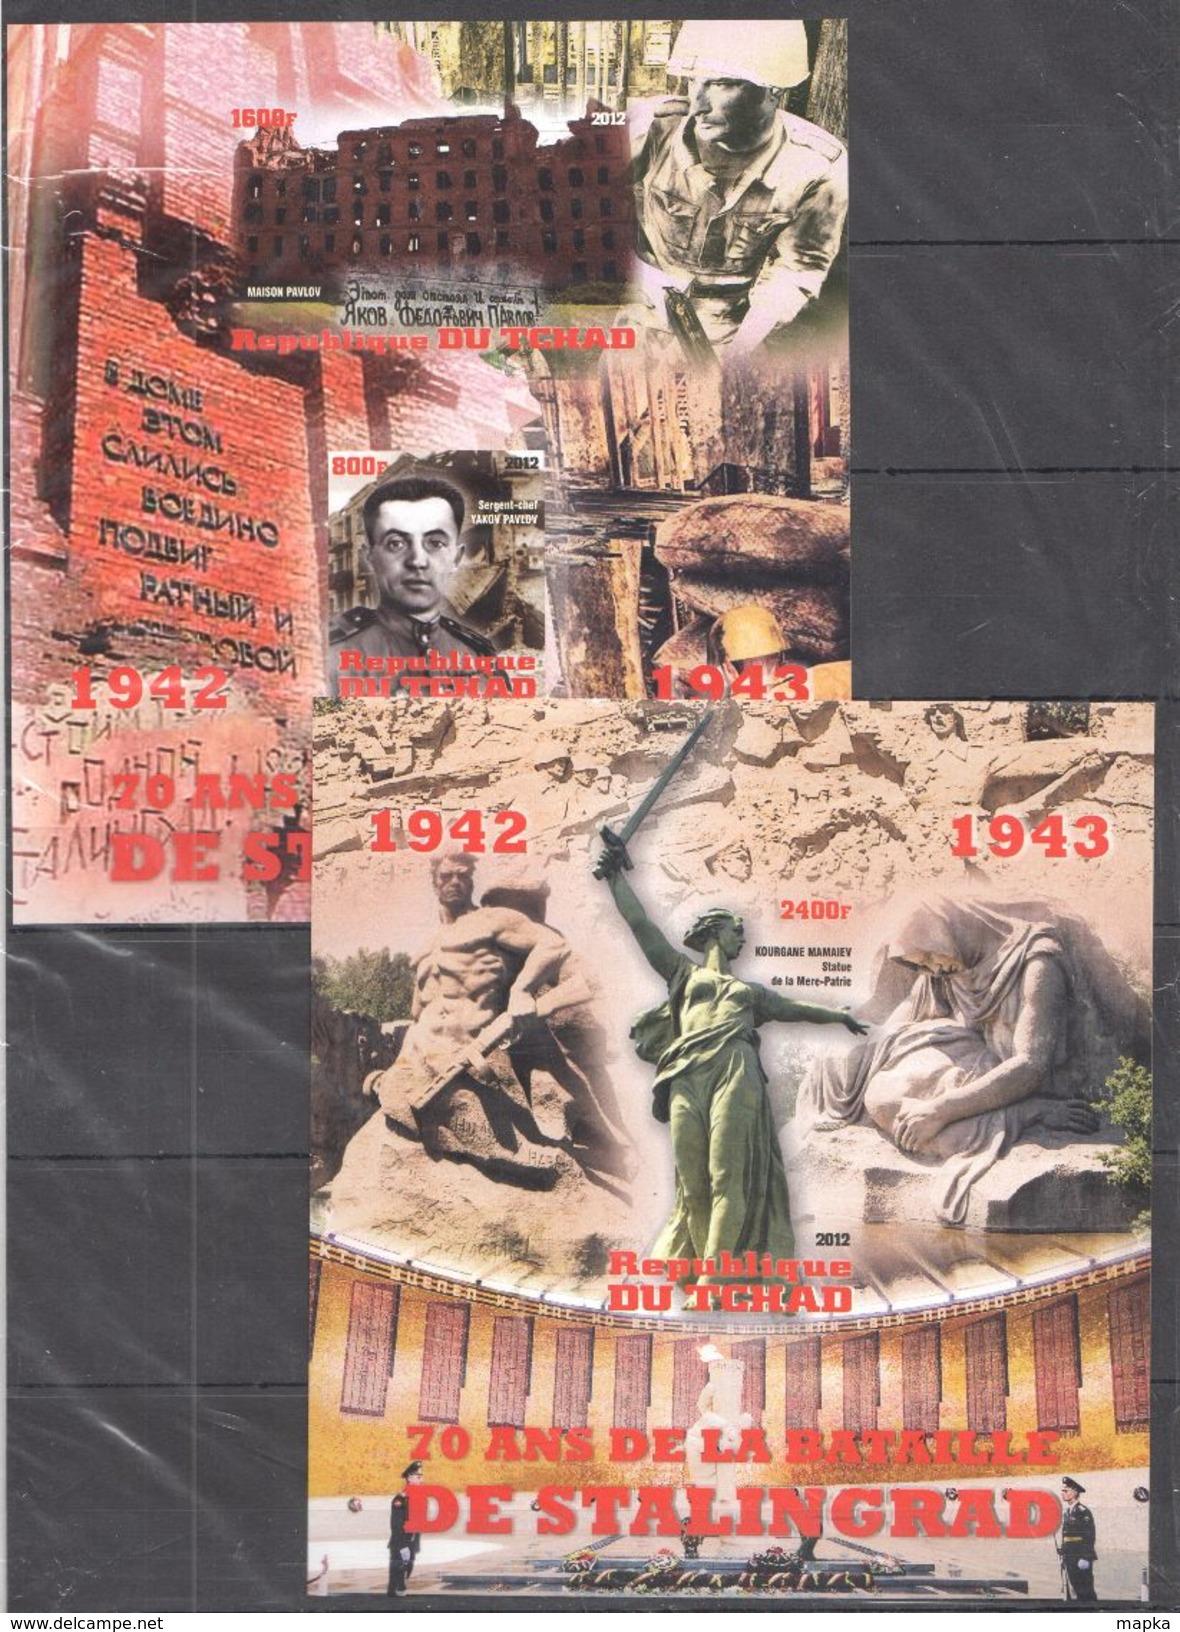 U261 2012 !!! IMPERFORATE REPOBLIQUE DU CHAD MILITIARY HISTORY WW2 ANNIVESAIRE DE LA BATAILLE DE STALINGRAD 2BL MNH - 2. Weltkrieg